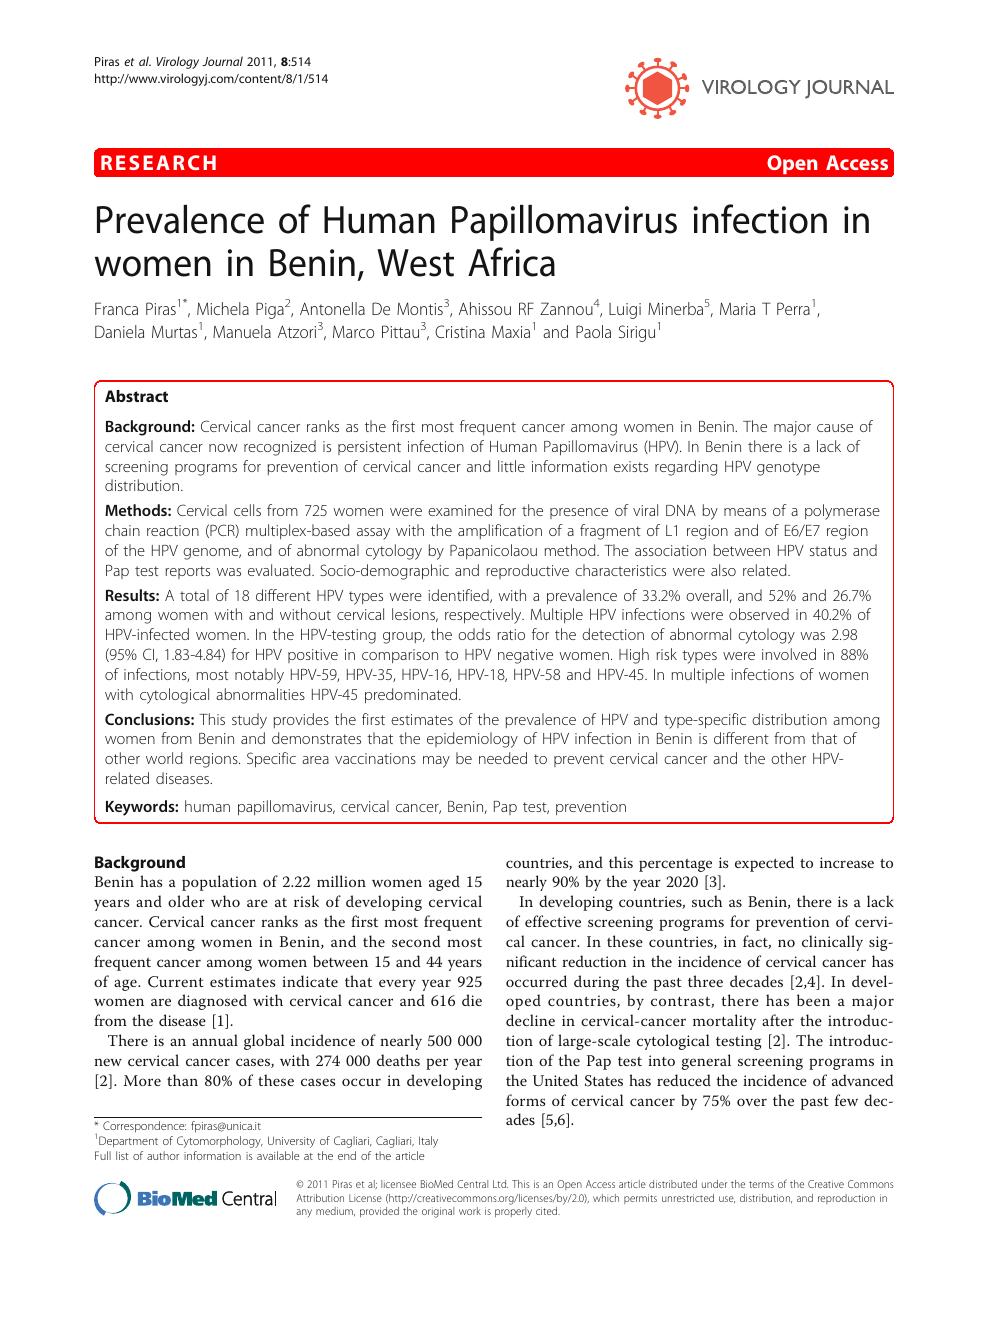 papillomavírus benin